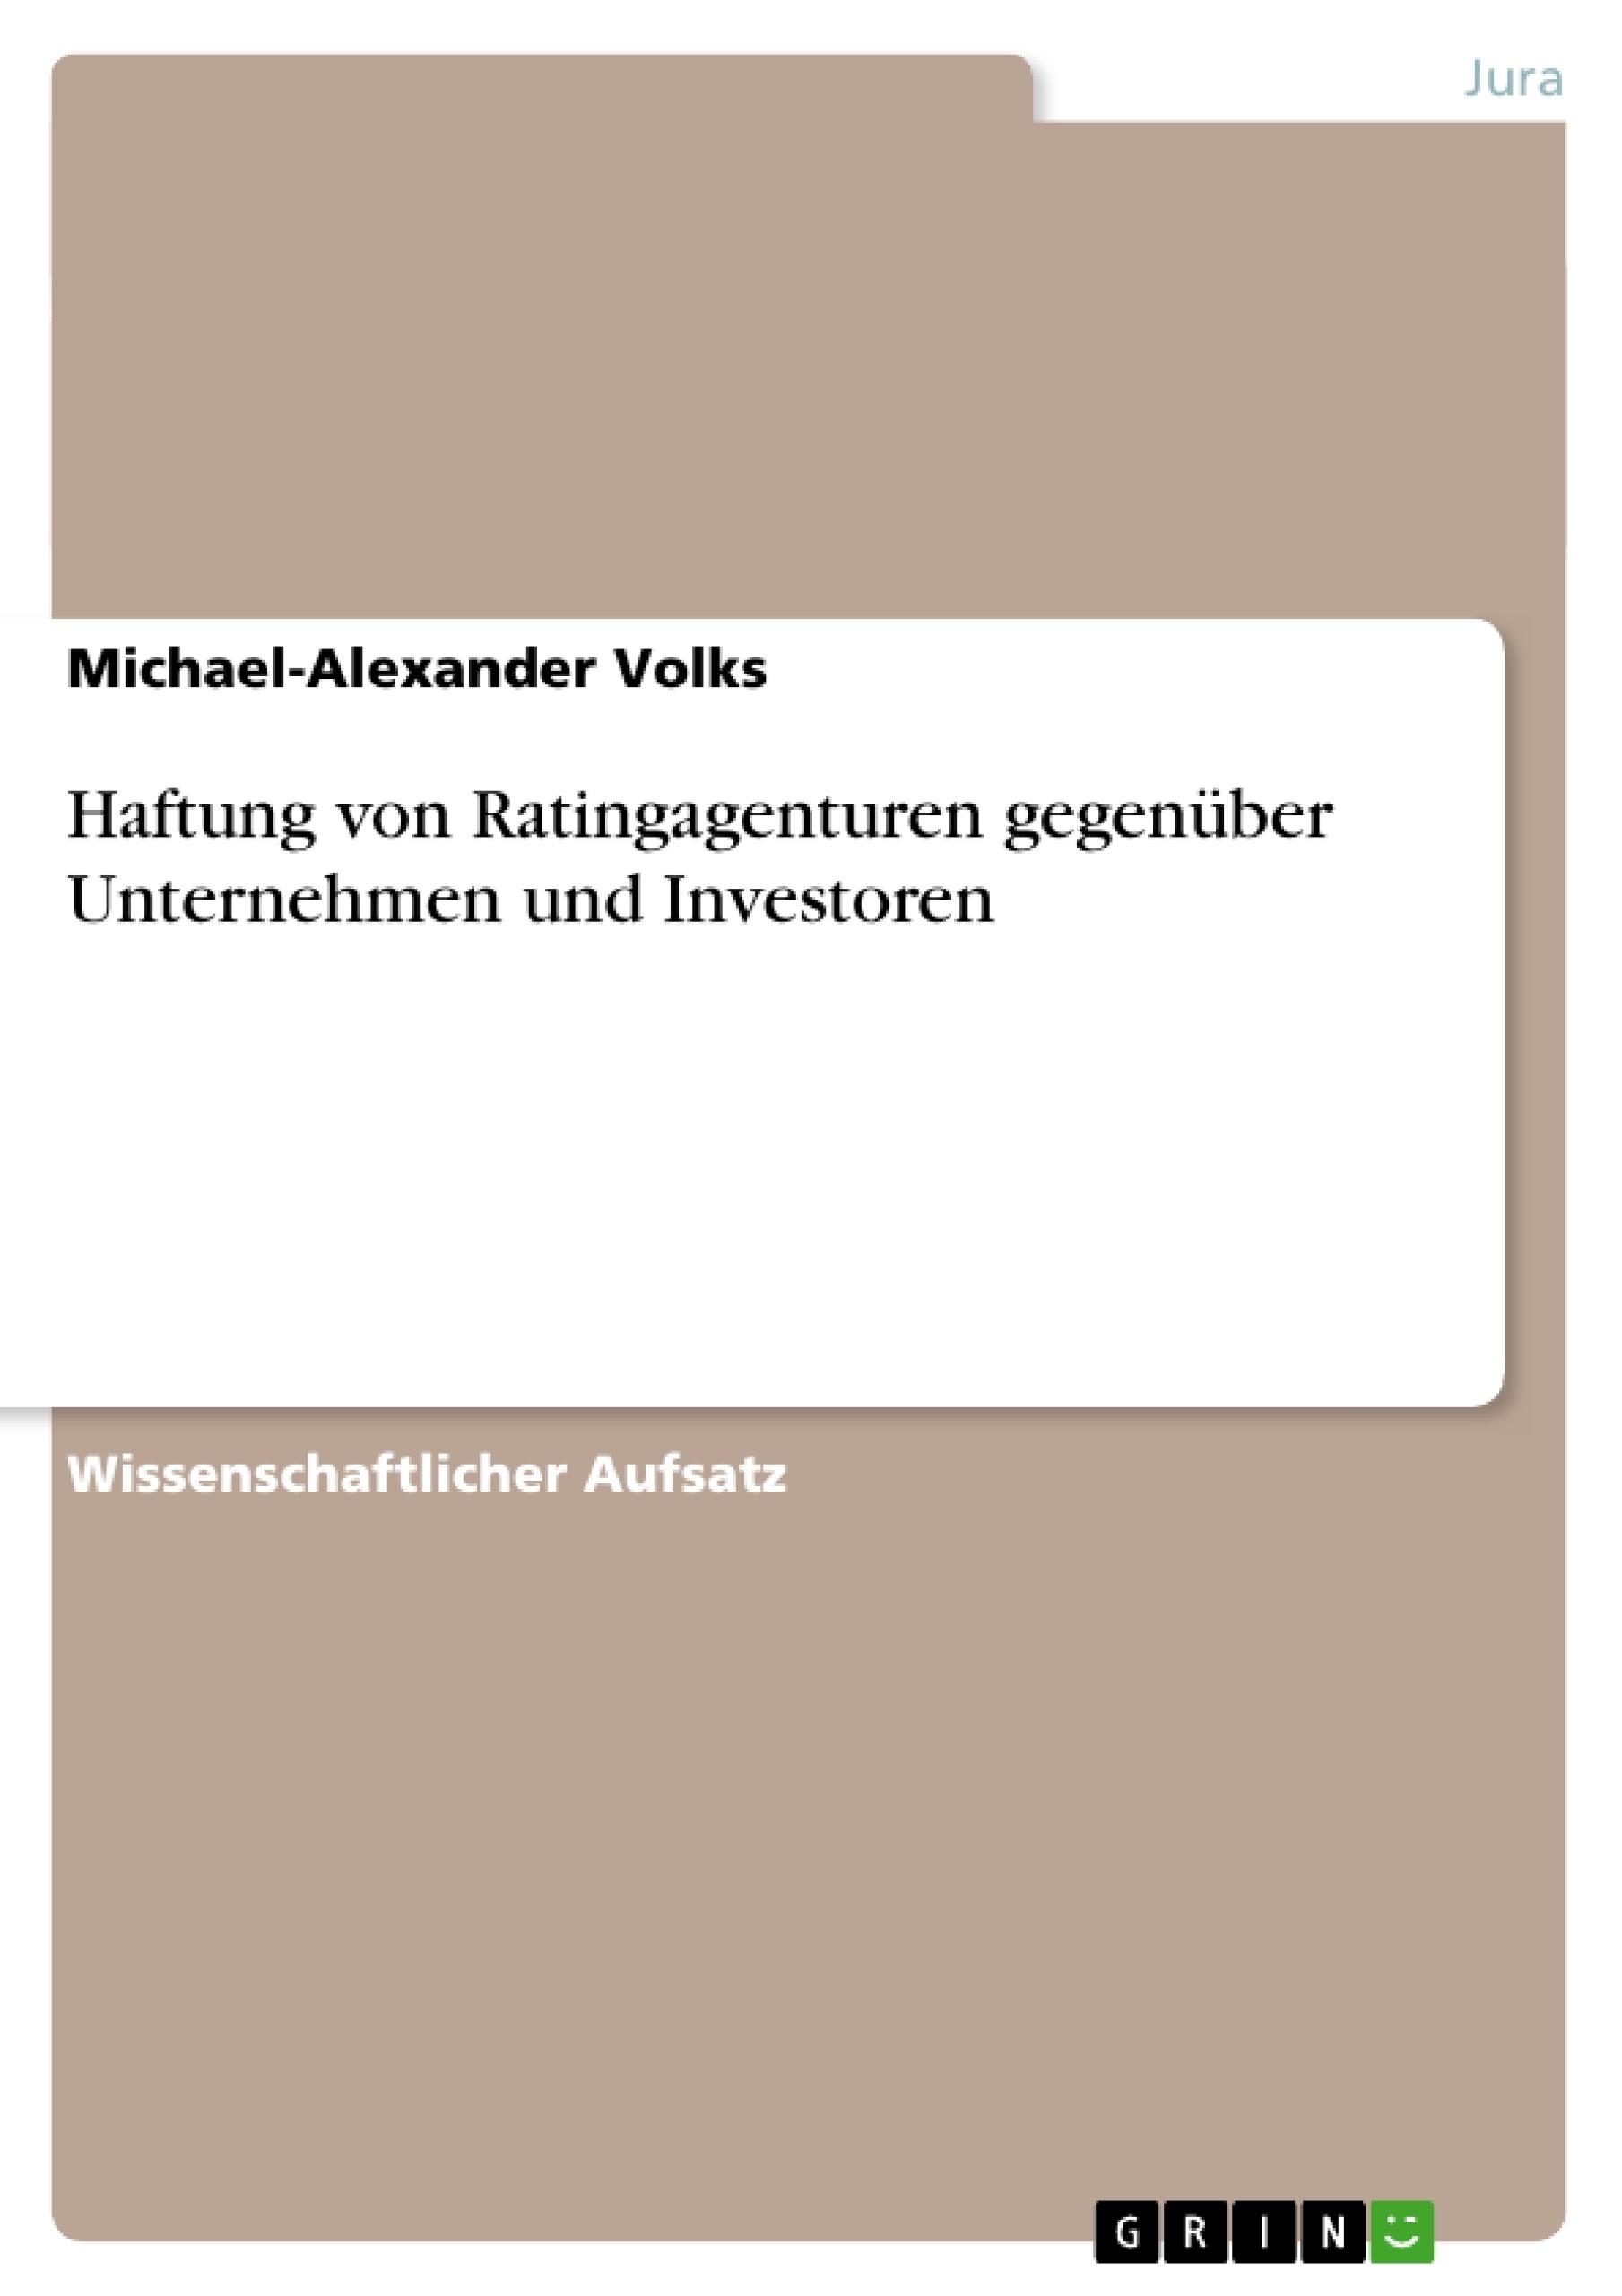 Titel: Haftung von Ratingagenturen gegenüber Unternehmen und Investoren